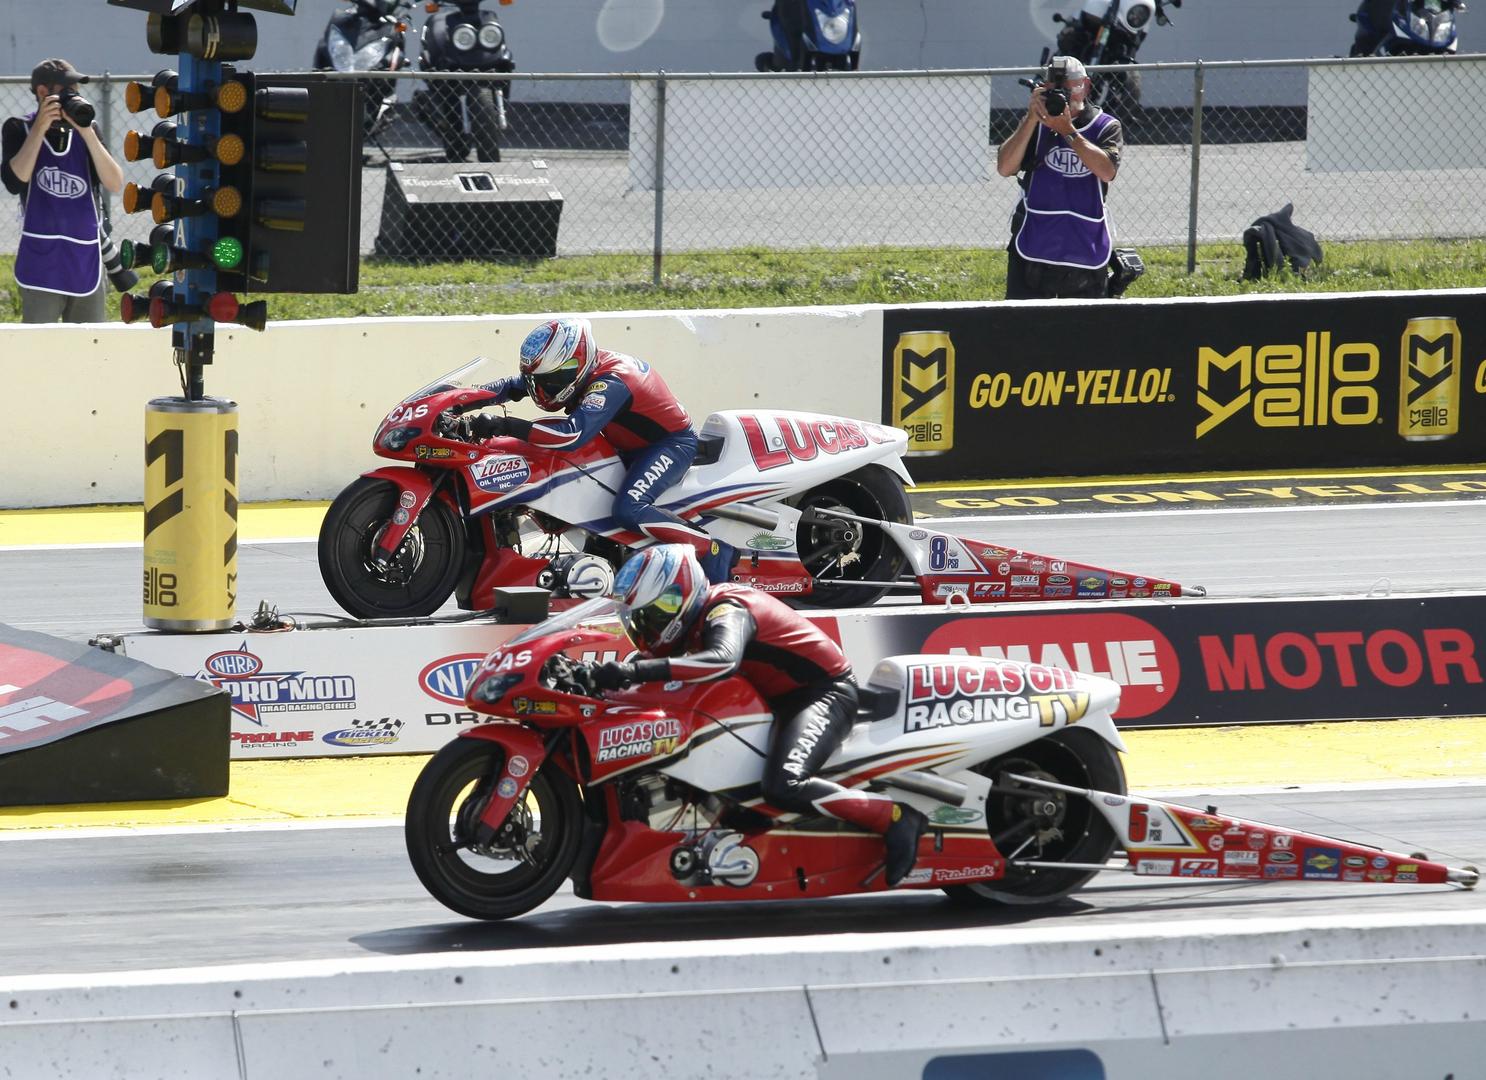 Arana Racing